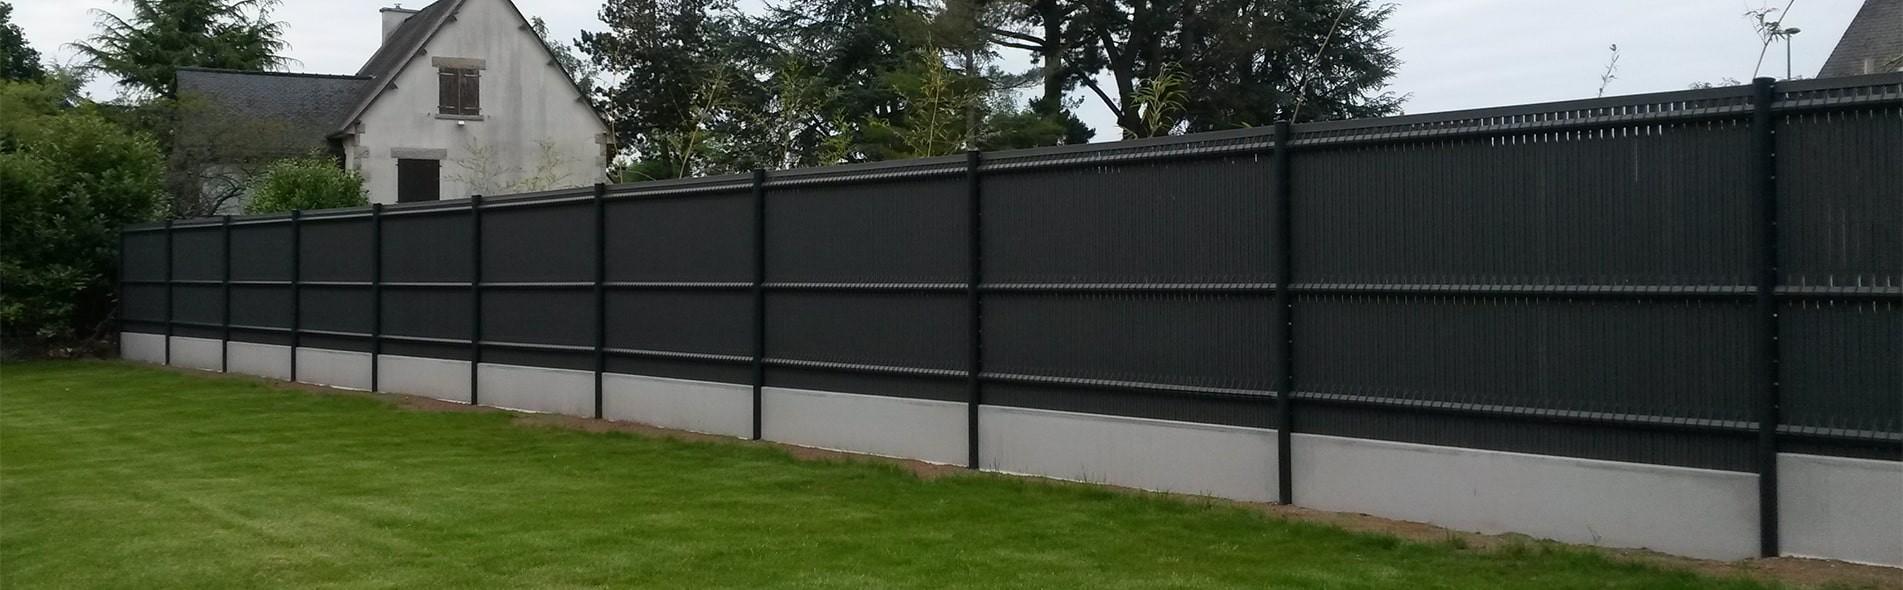 Vente De Clôtures Rigides (Pvc, Alu) Grillages & Portails concernant Panneau Pvc Jardin